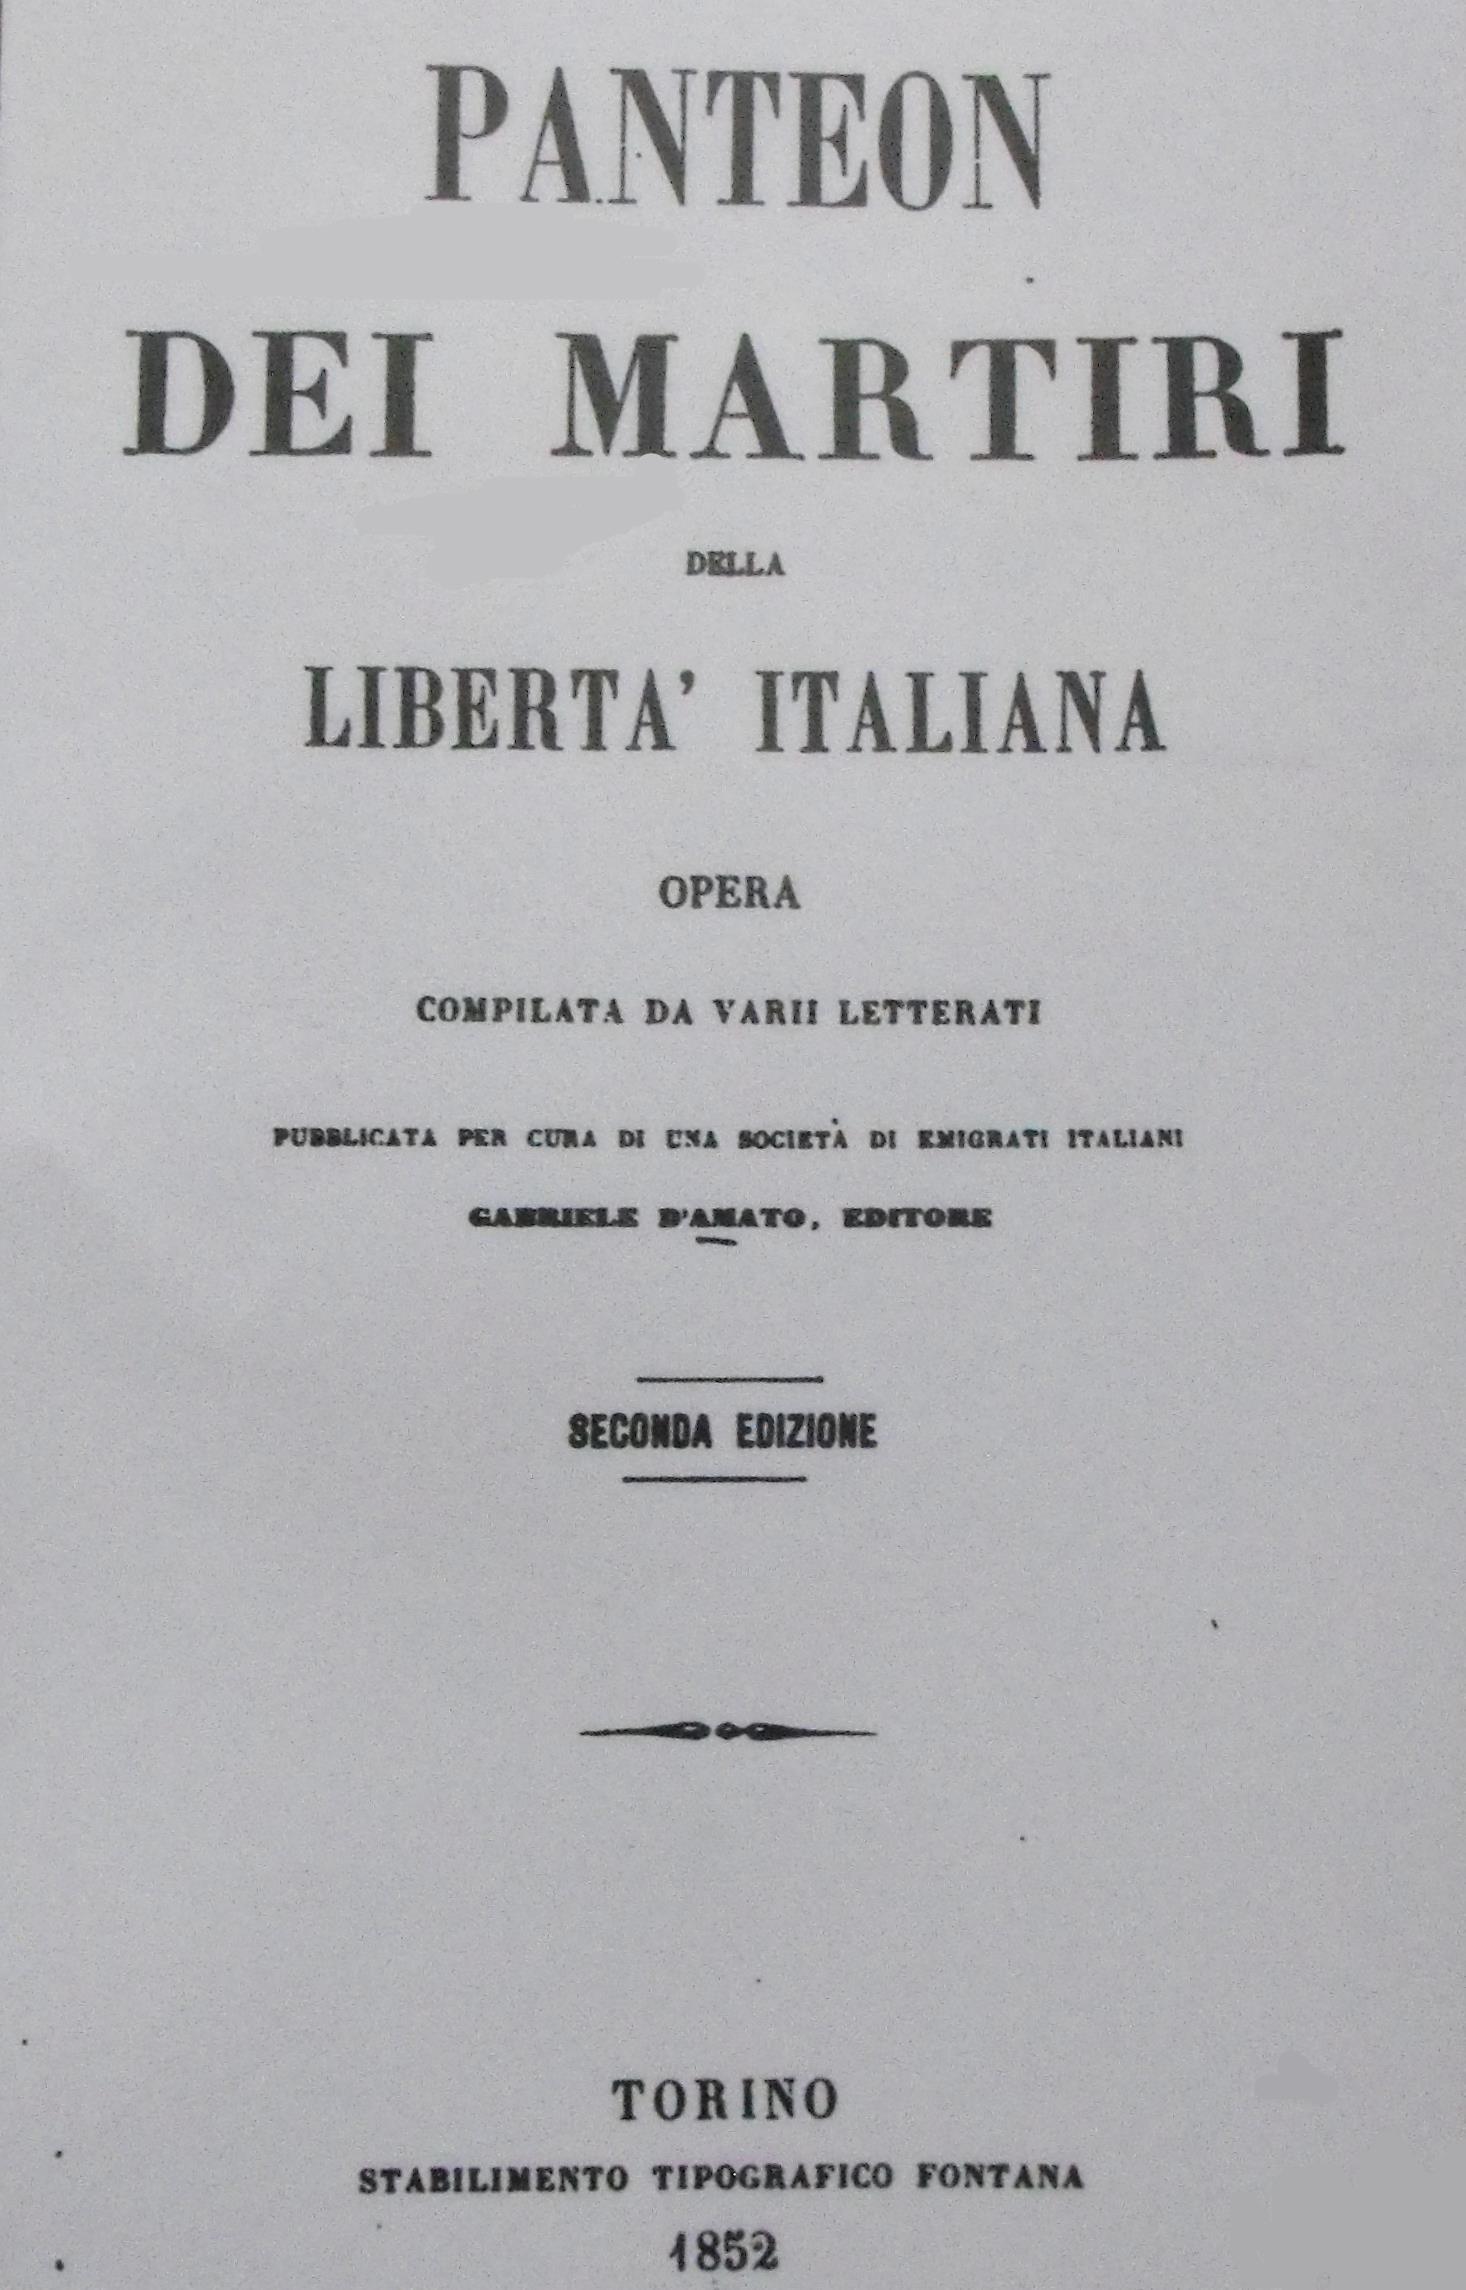 Carlo Porro (1813-1848)